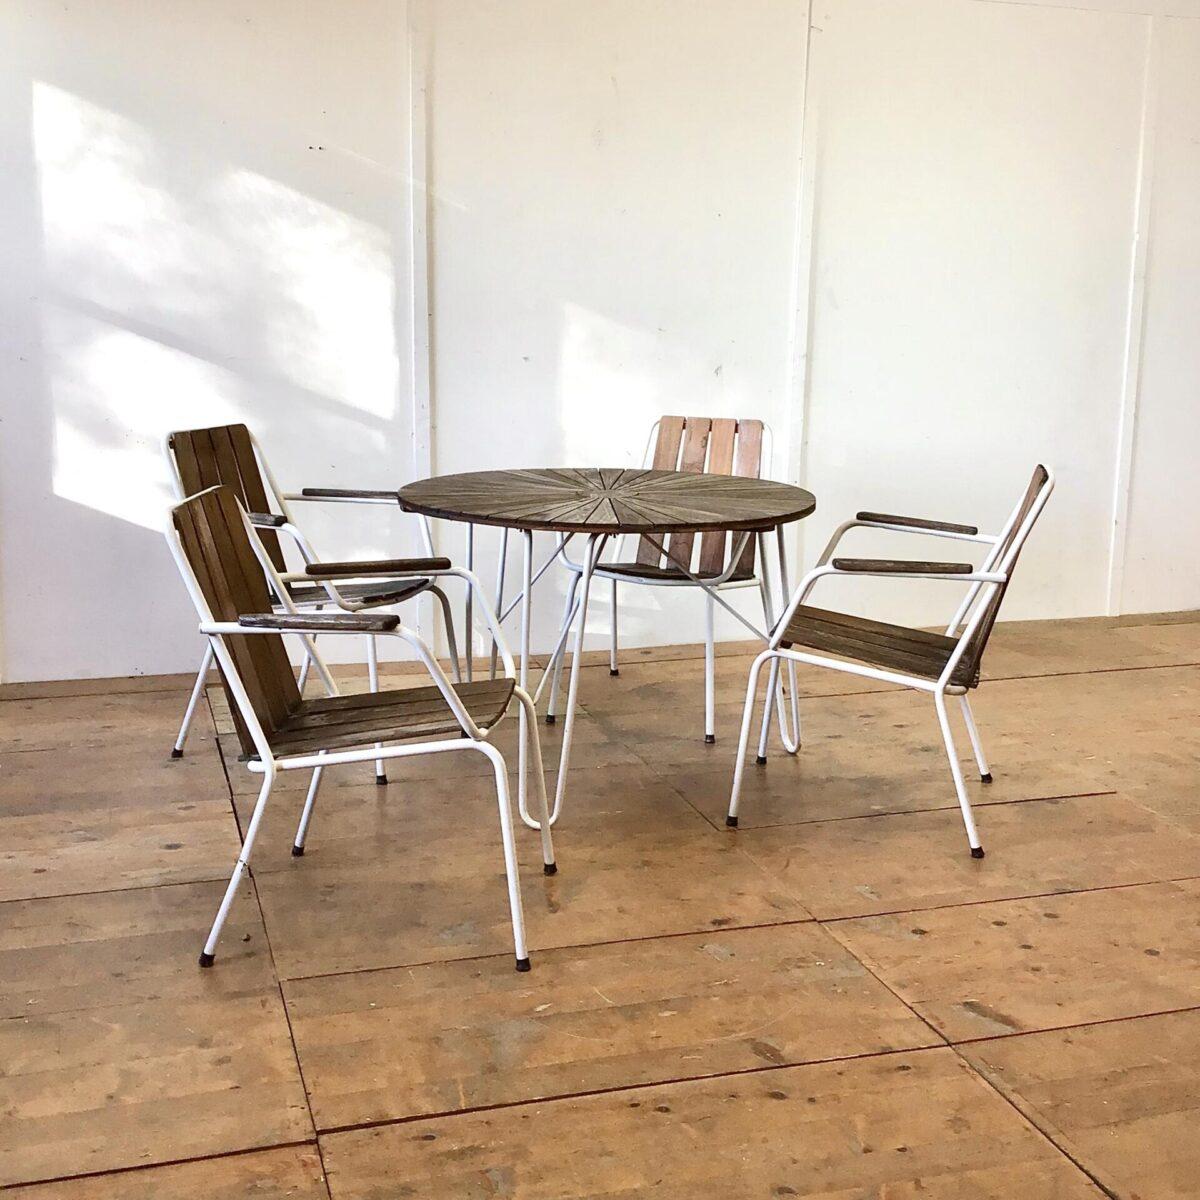 Vintage Gartentisch mit 4 Stühlen. Durchmesser 99cm Höhe 69cm. Die Stapelbaren Armlehnstühle sind sehr bequem. Holzlatten sind aus Teak, welches sehr langlebig und wetterbeständig ist. Es lässt sich auch problemlos etwas auffrischen.